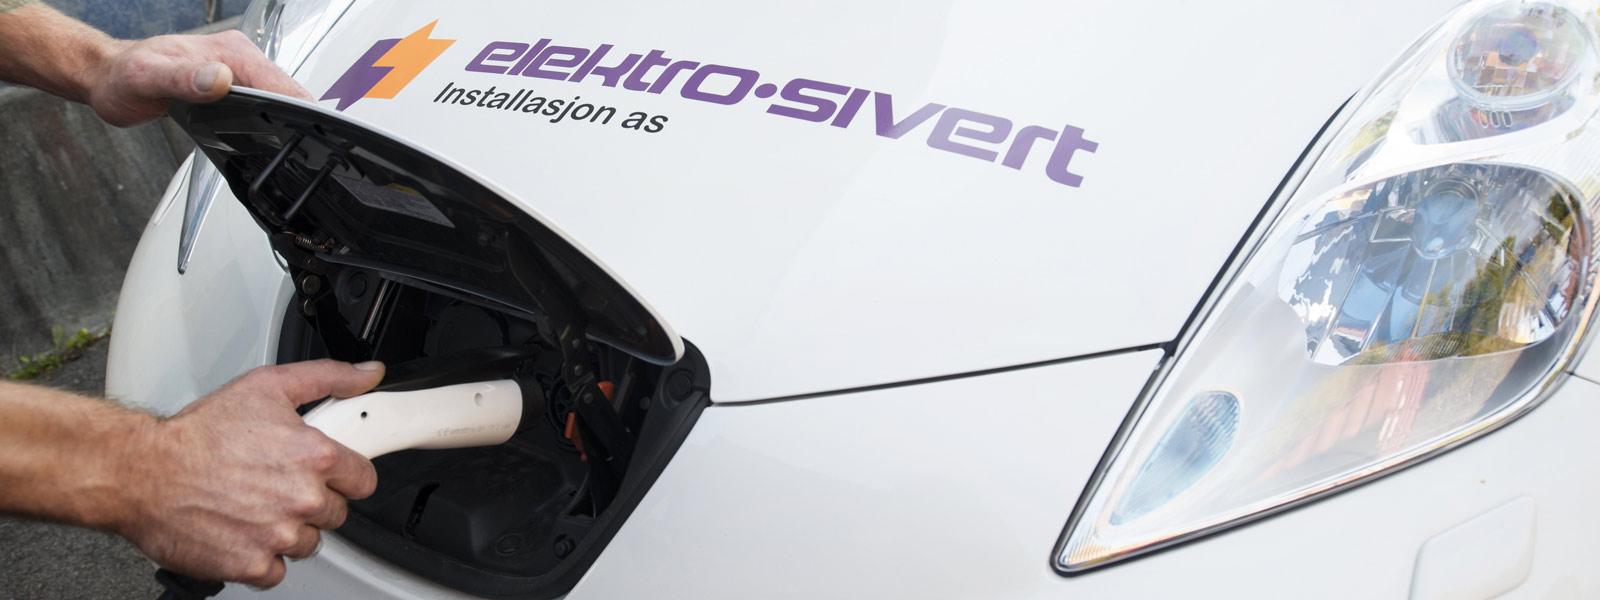 Elbil ladeplugg Elektro-Sivert